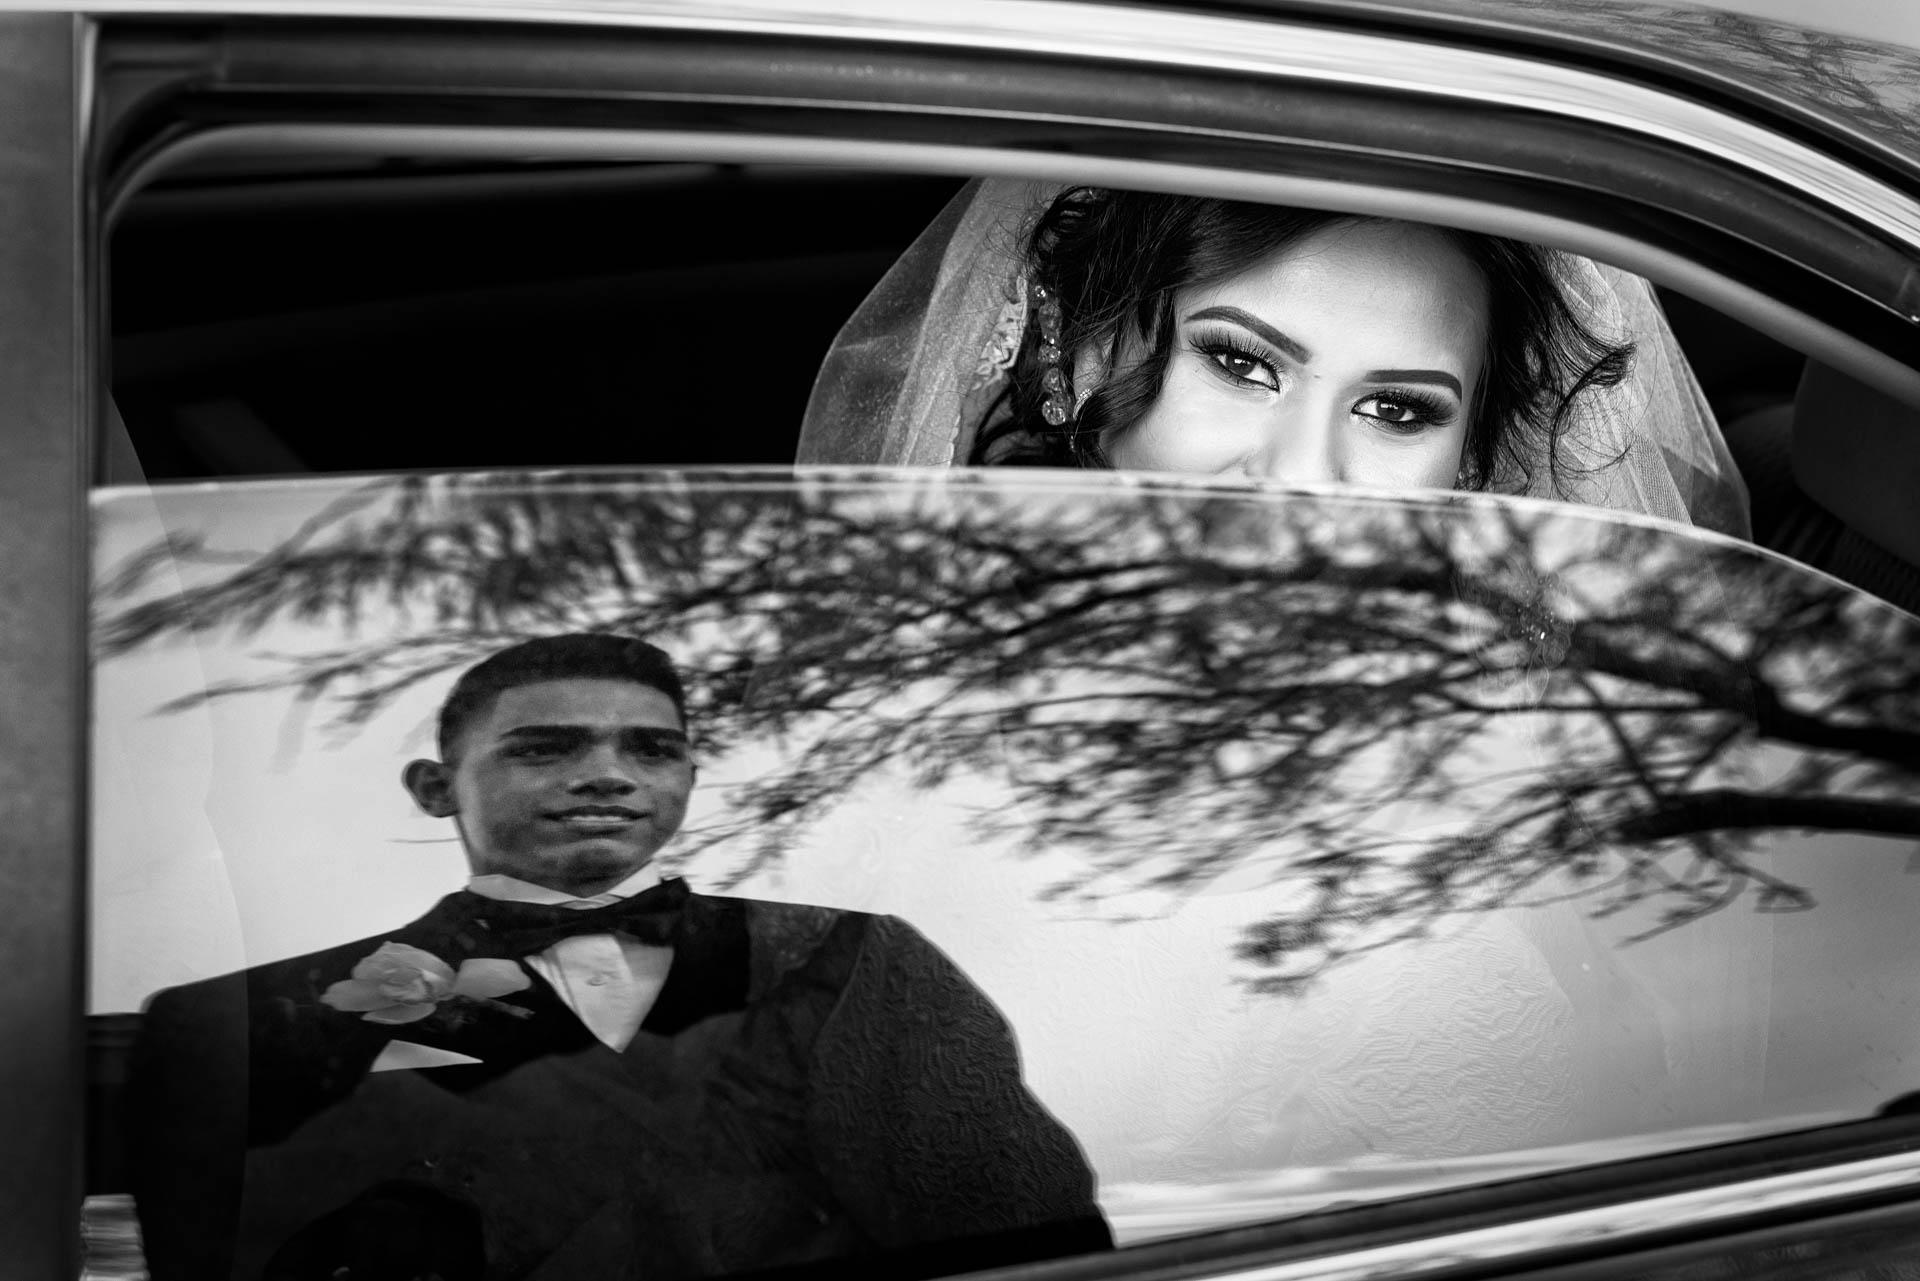 Fotografia de Boda - foto del reflejo del novio viendo a la novia